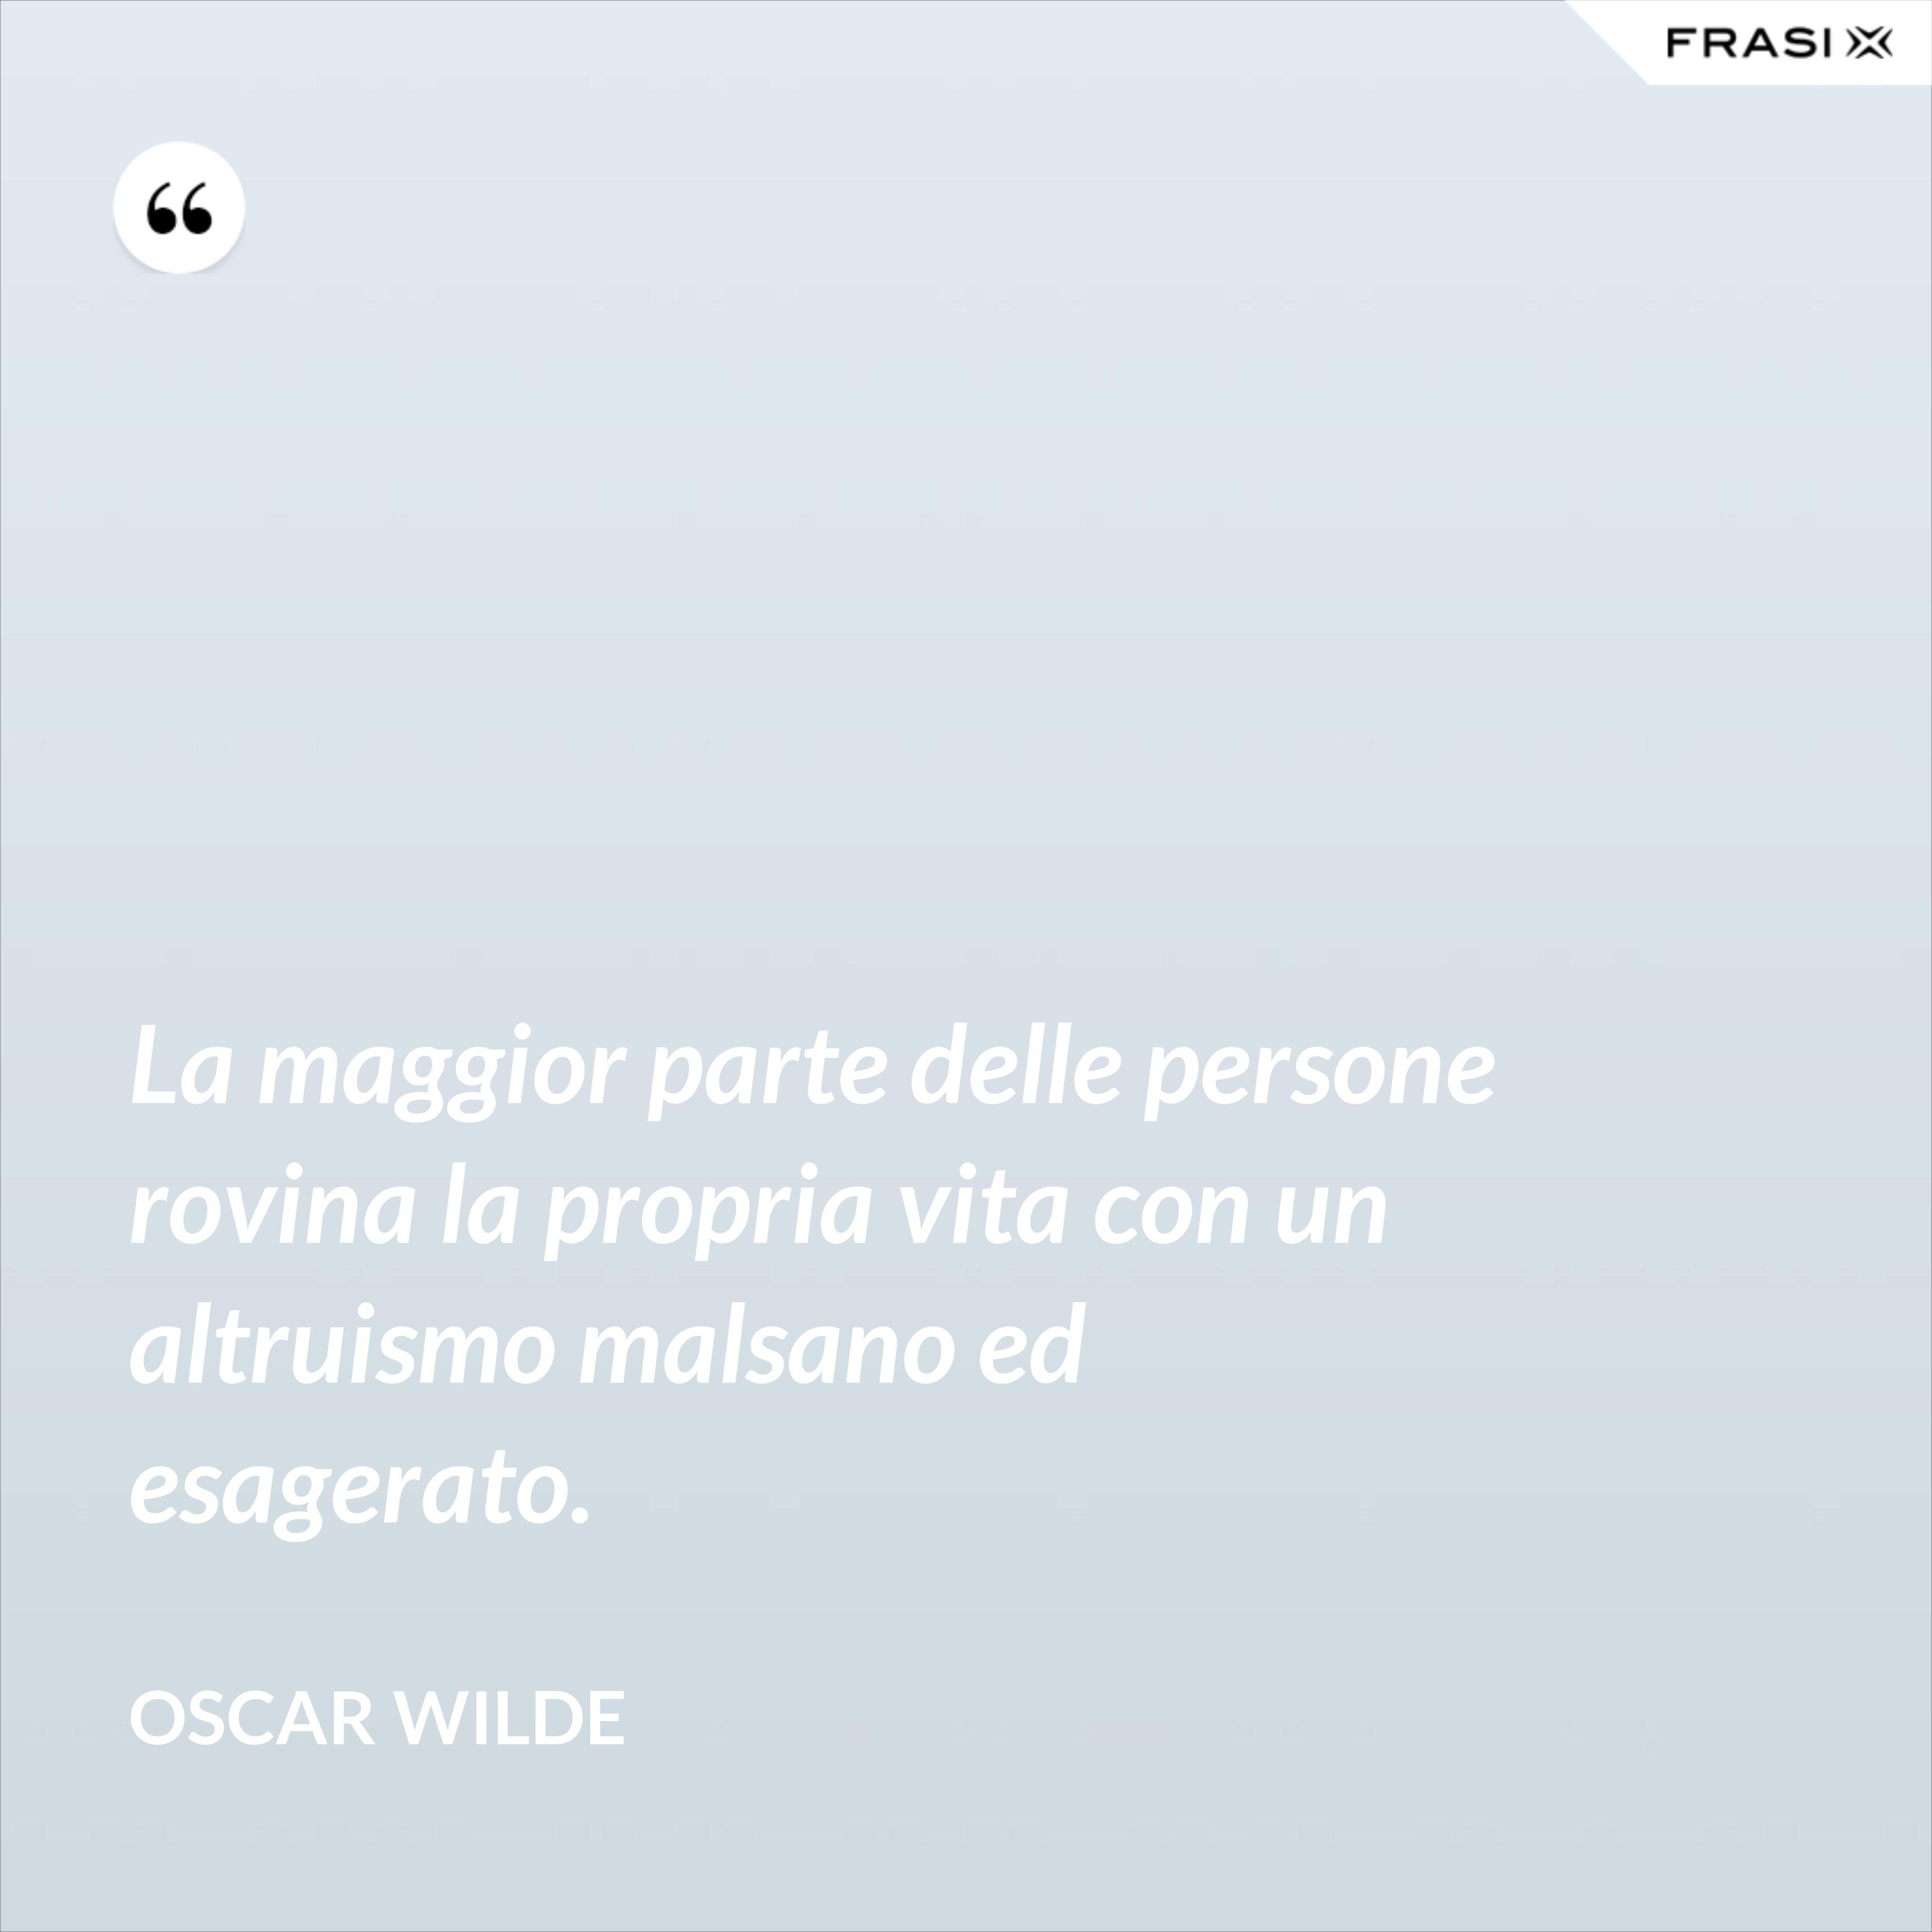 La maggior parte delle persone rovina la propria vita con un altruismo malsano ed esagerato. - Oscar Wilde